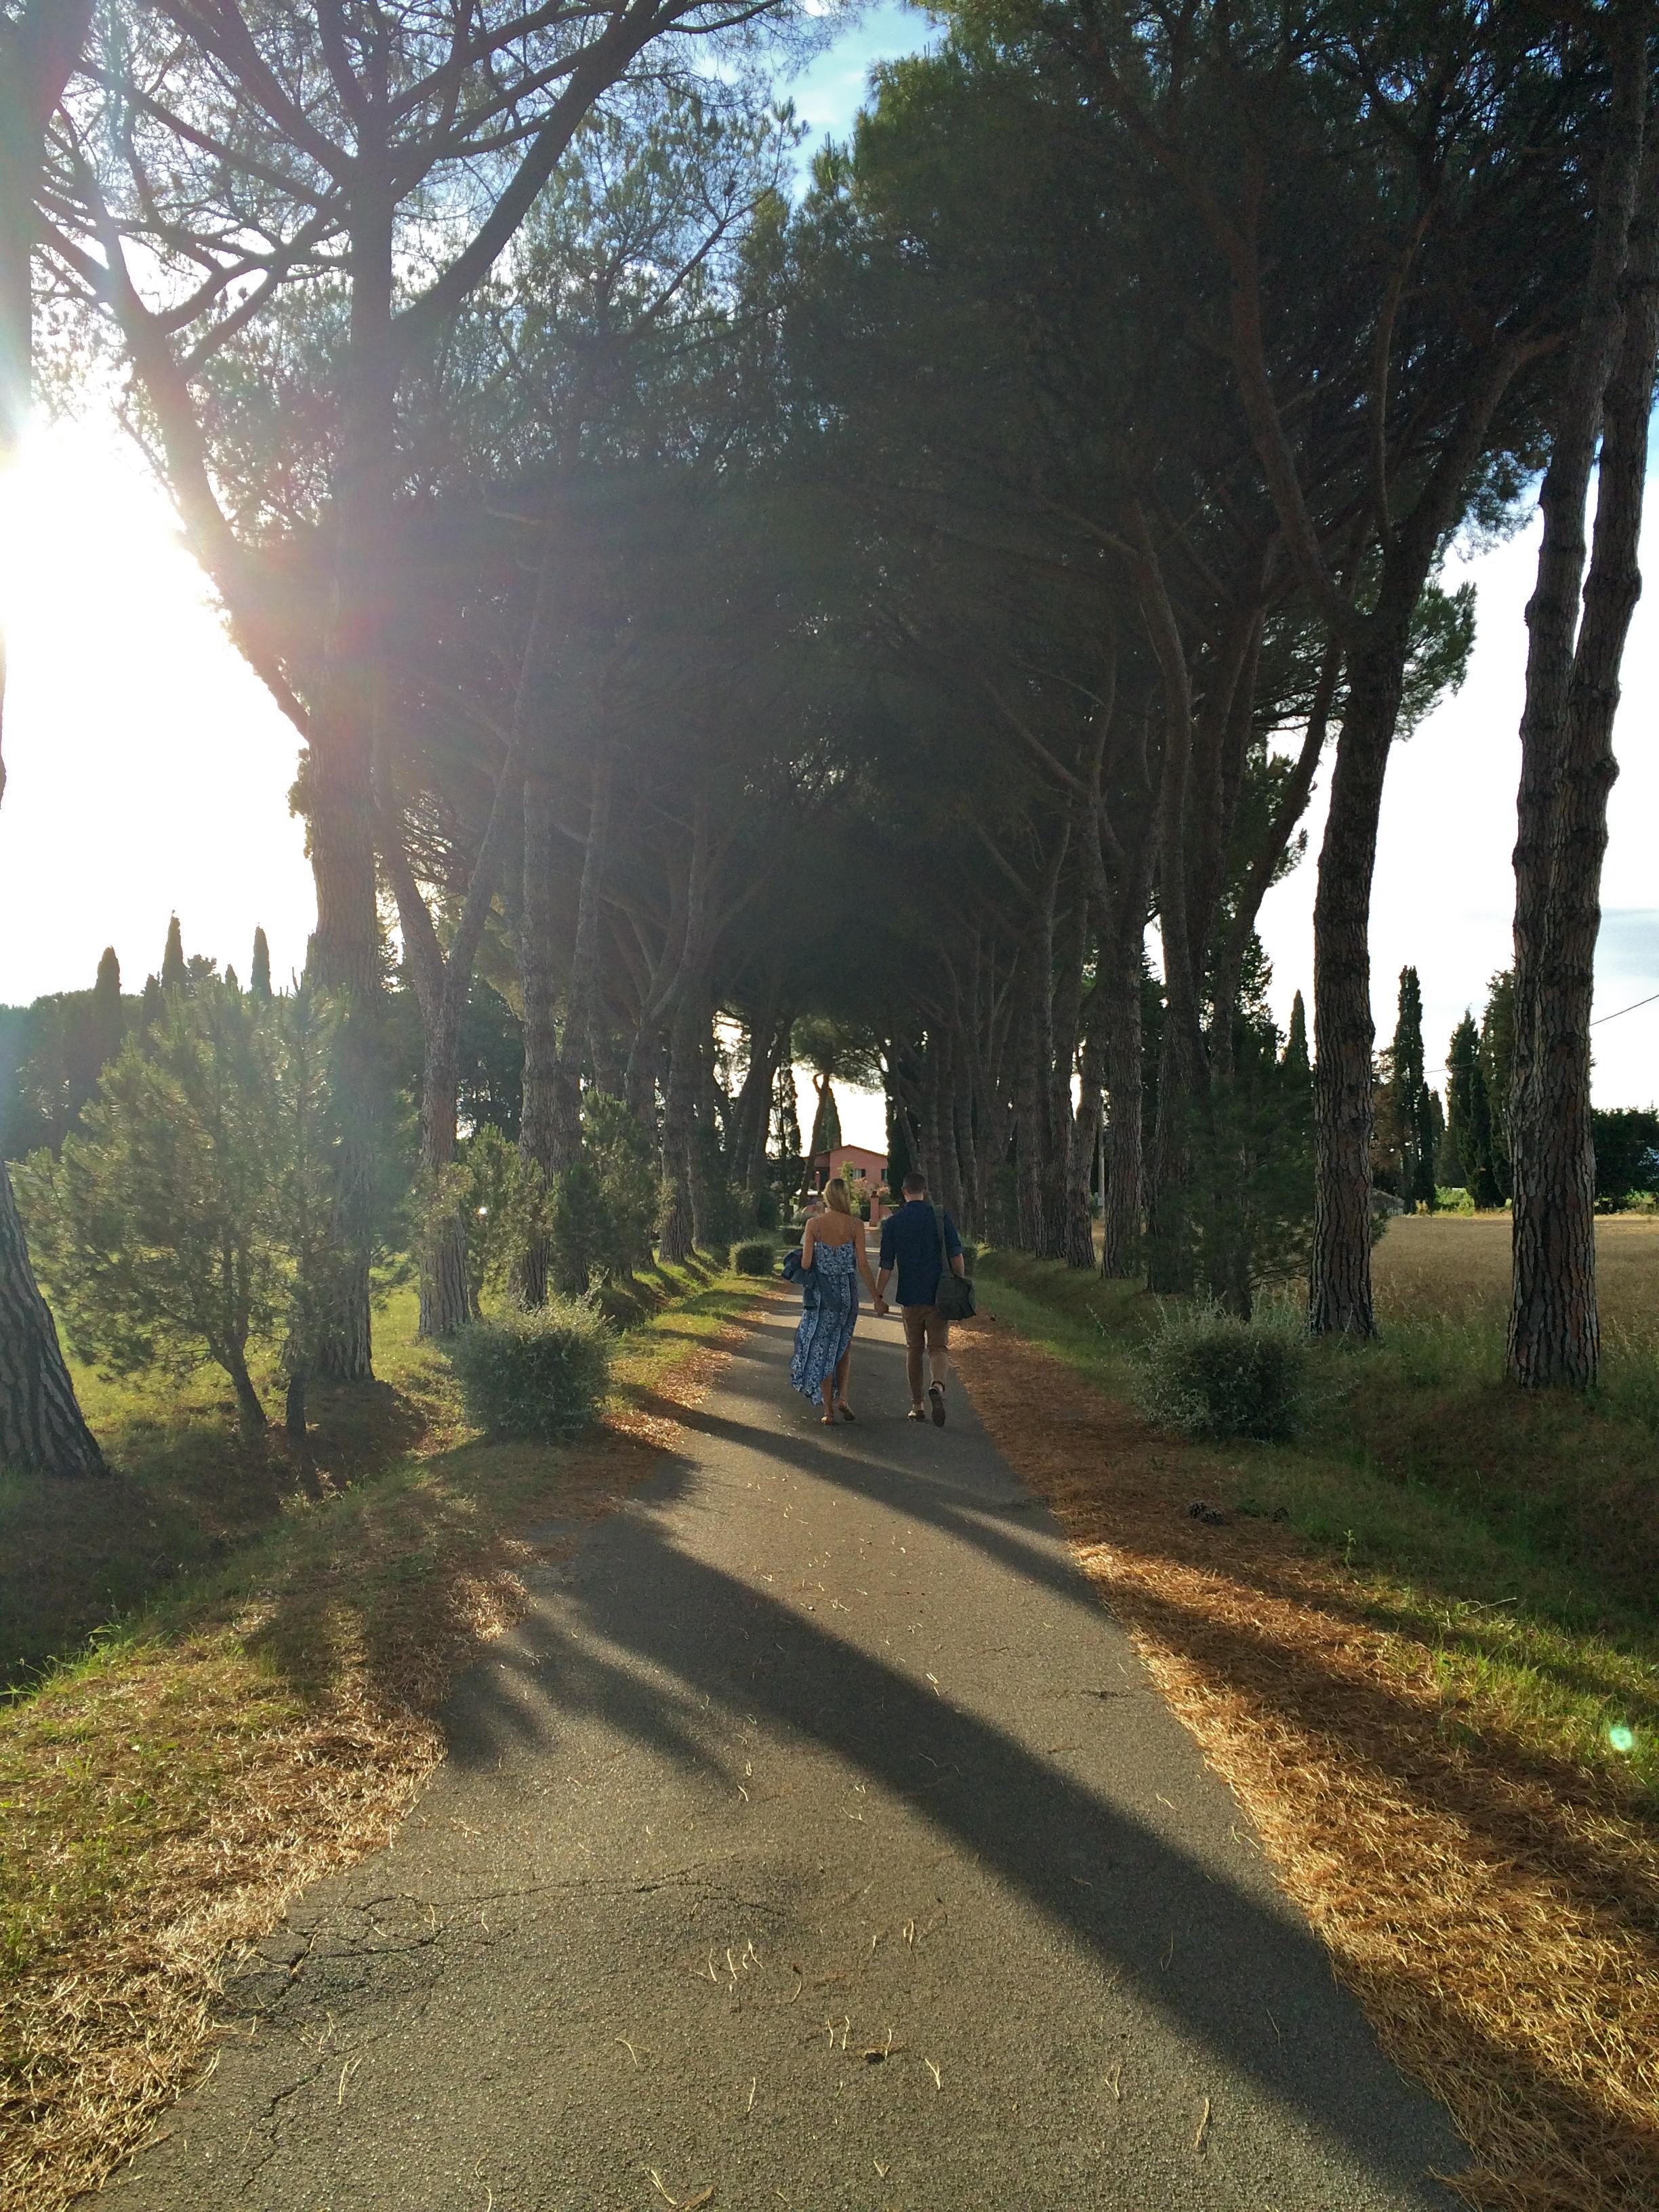 ◆ Love birds in Tuscany